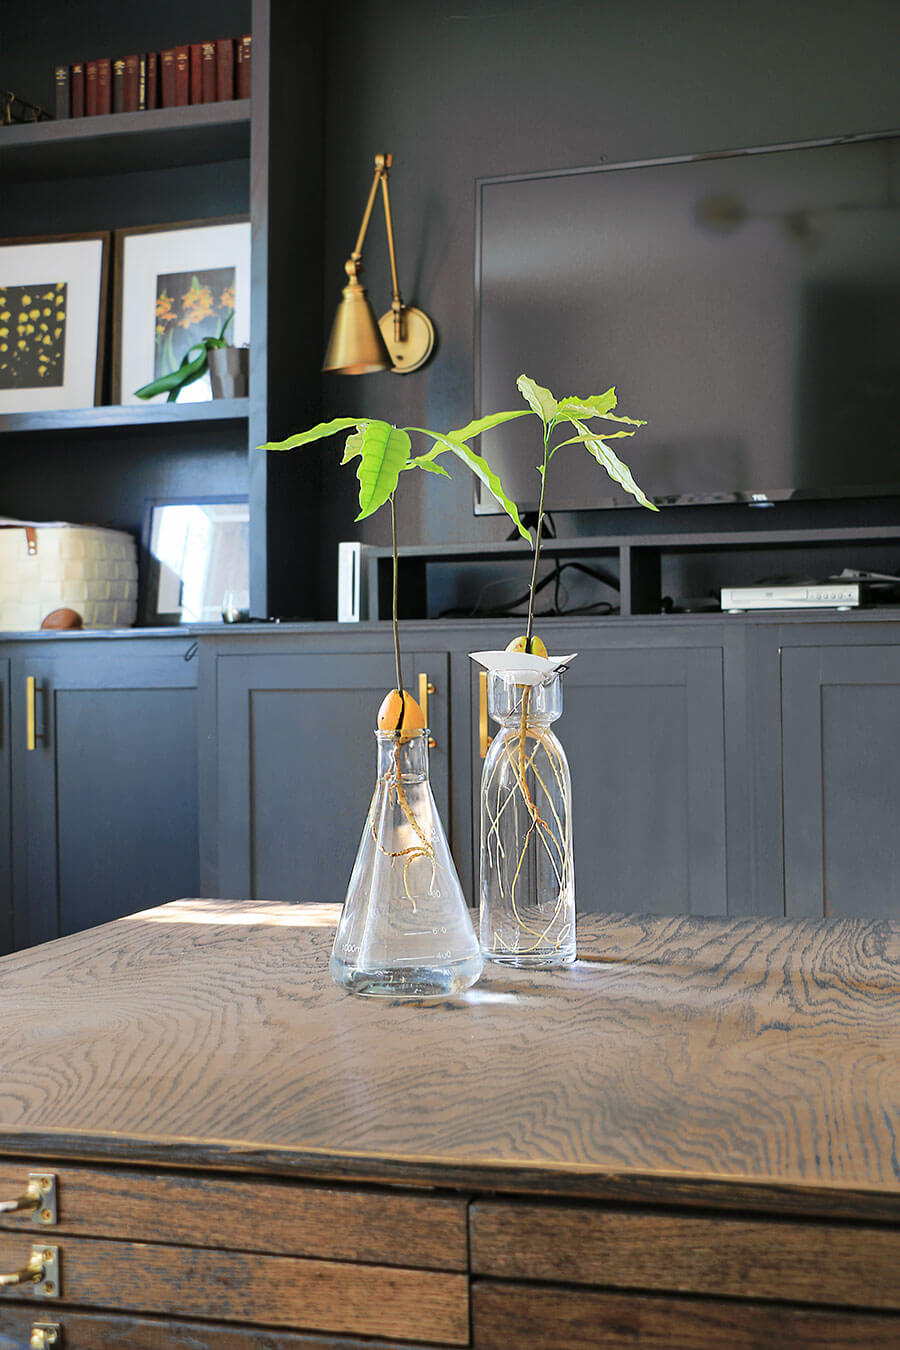 Living-room-with-avocado-plant-centerpiece